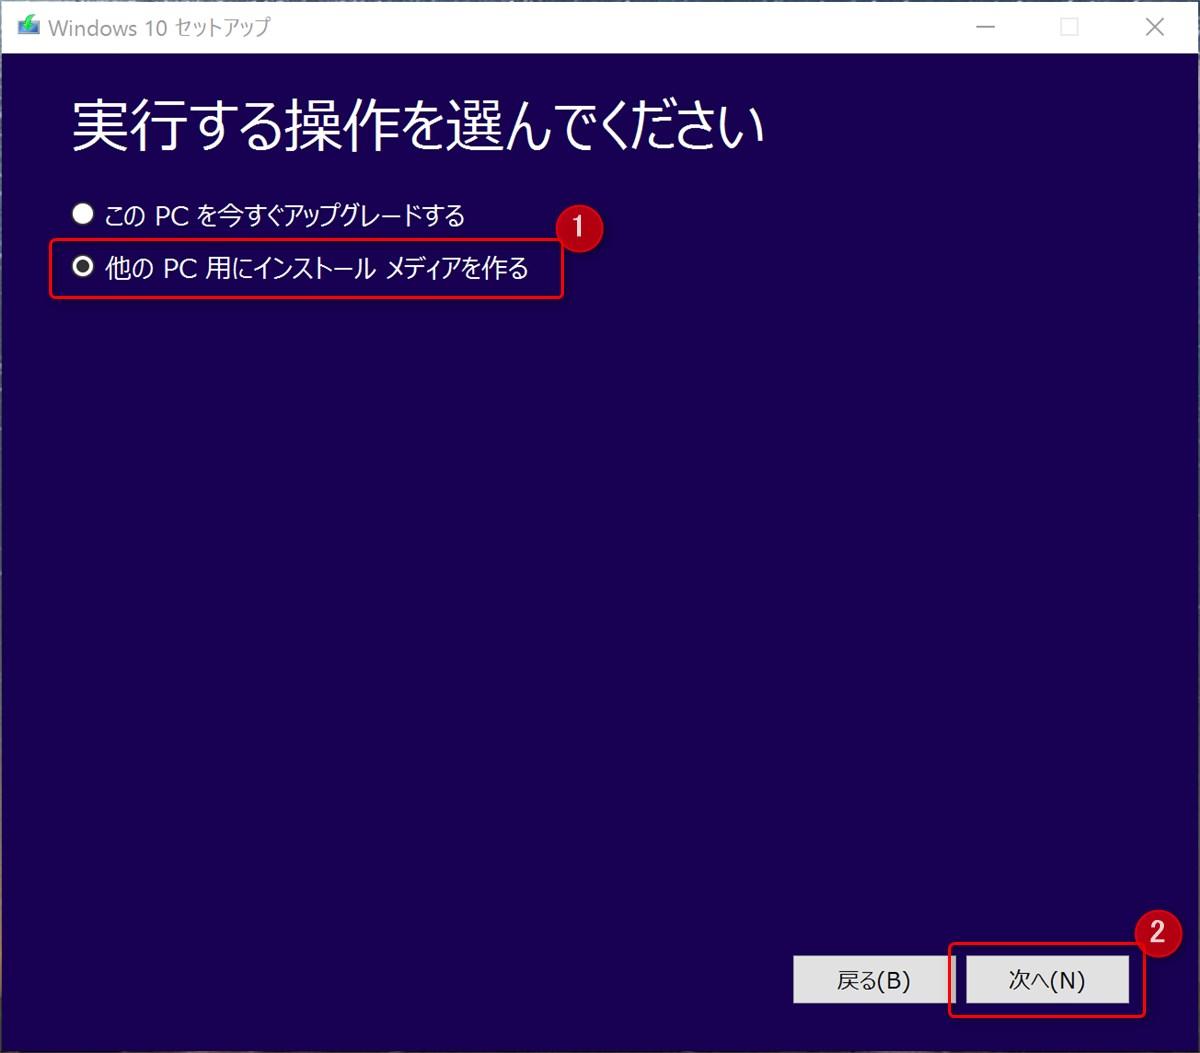 Windows 10 Anniversary Update ISO - 4